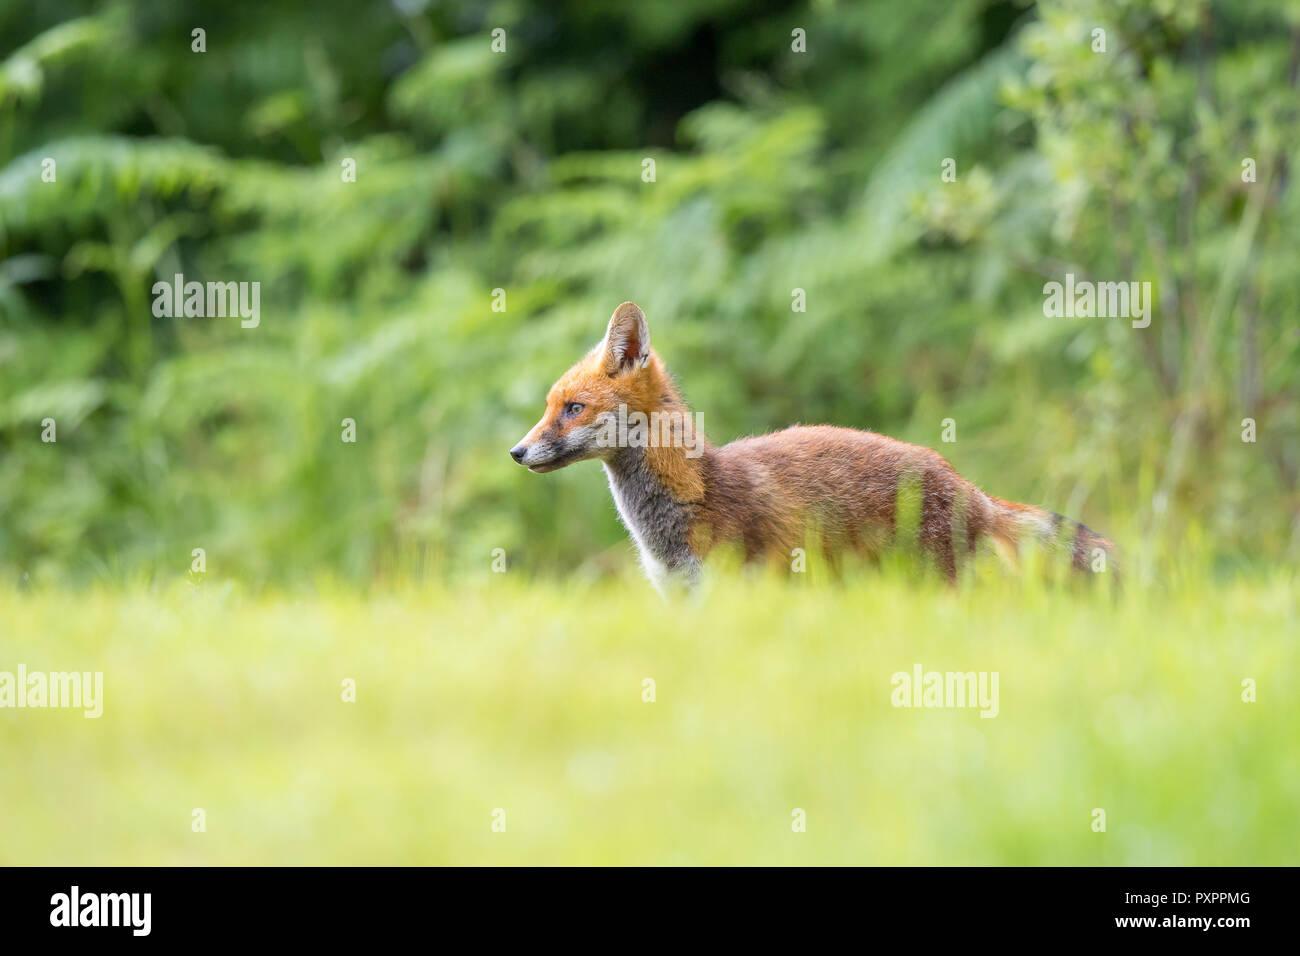 Détaillé, close-up portrait of young British red fox (Vulpes vulpes) dans la nature, seule dans l'herbe haute, avec fond bois naturel UK. Photo Stock